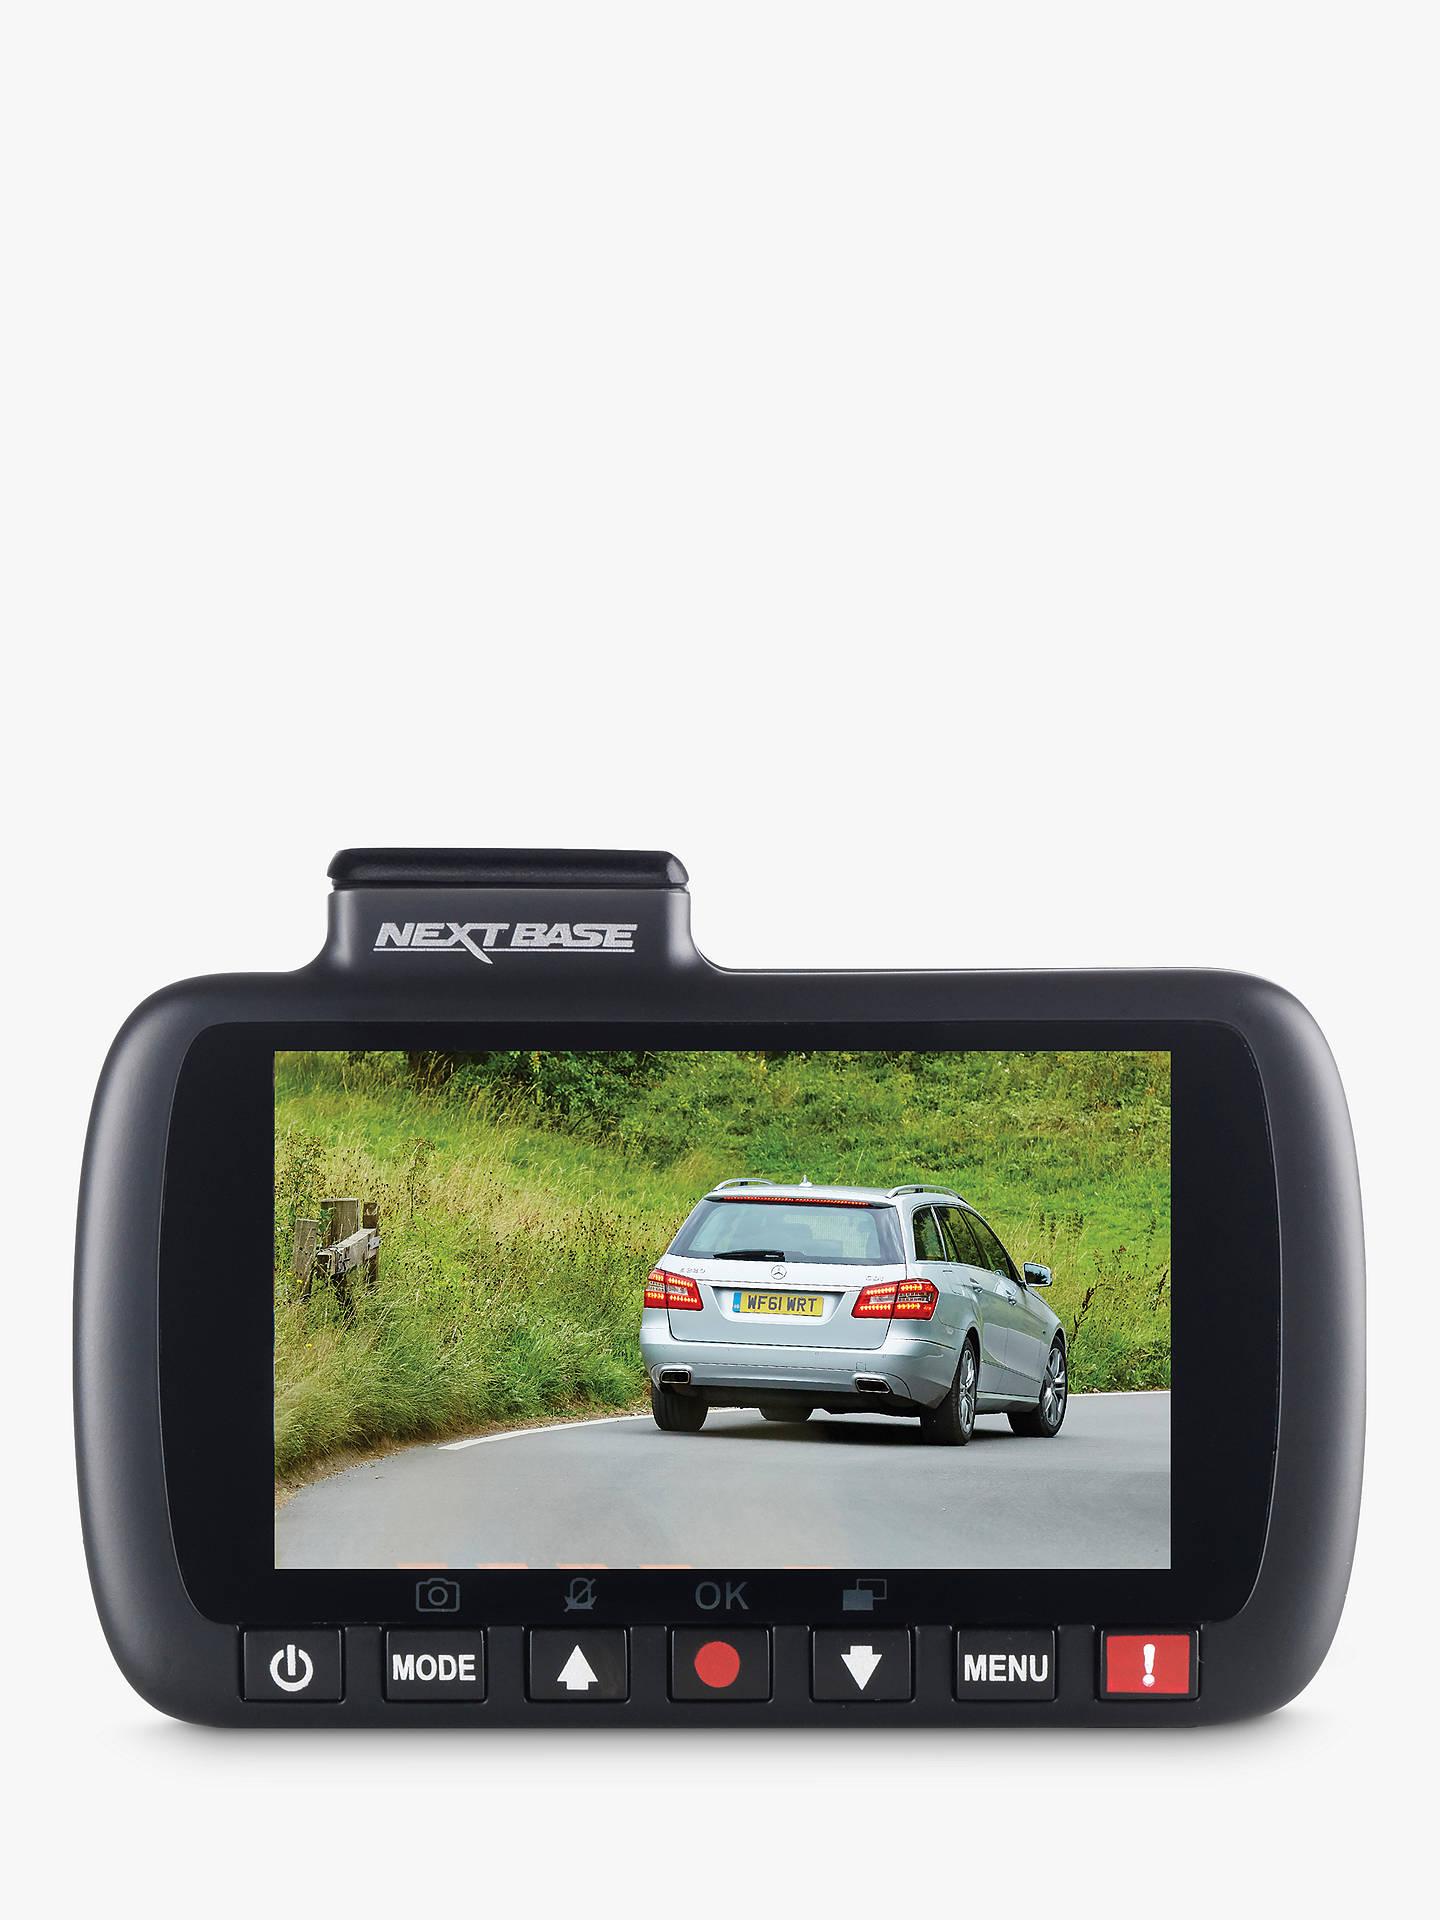 Nextbase Dash Cam 212 1080p Hd At John Lewis Partners